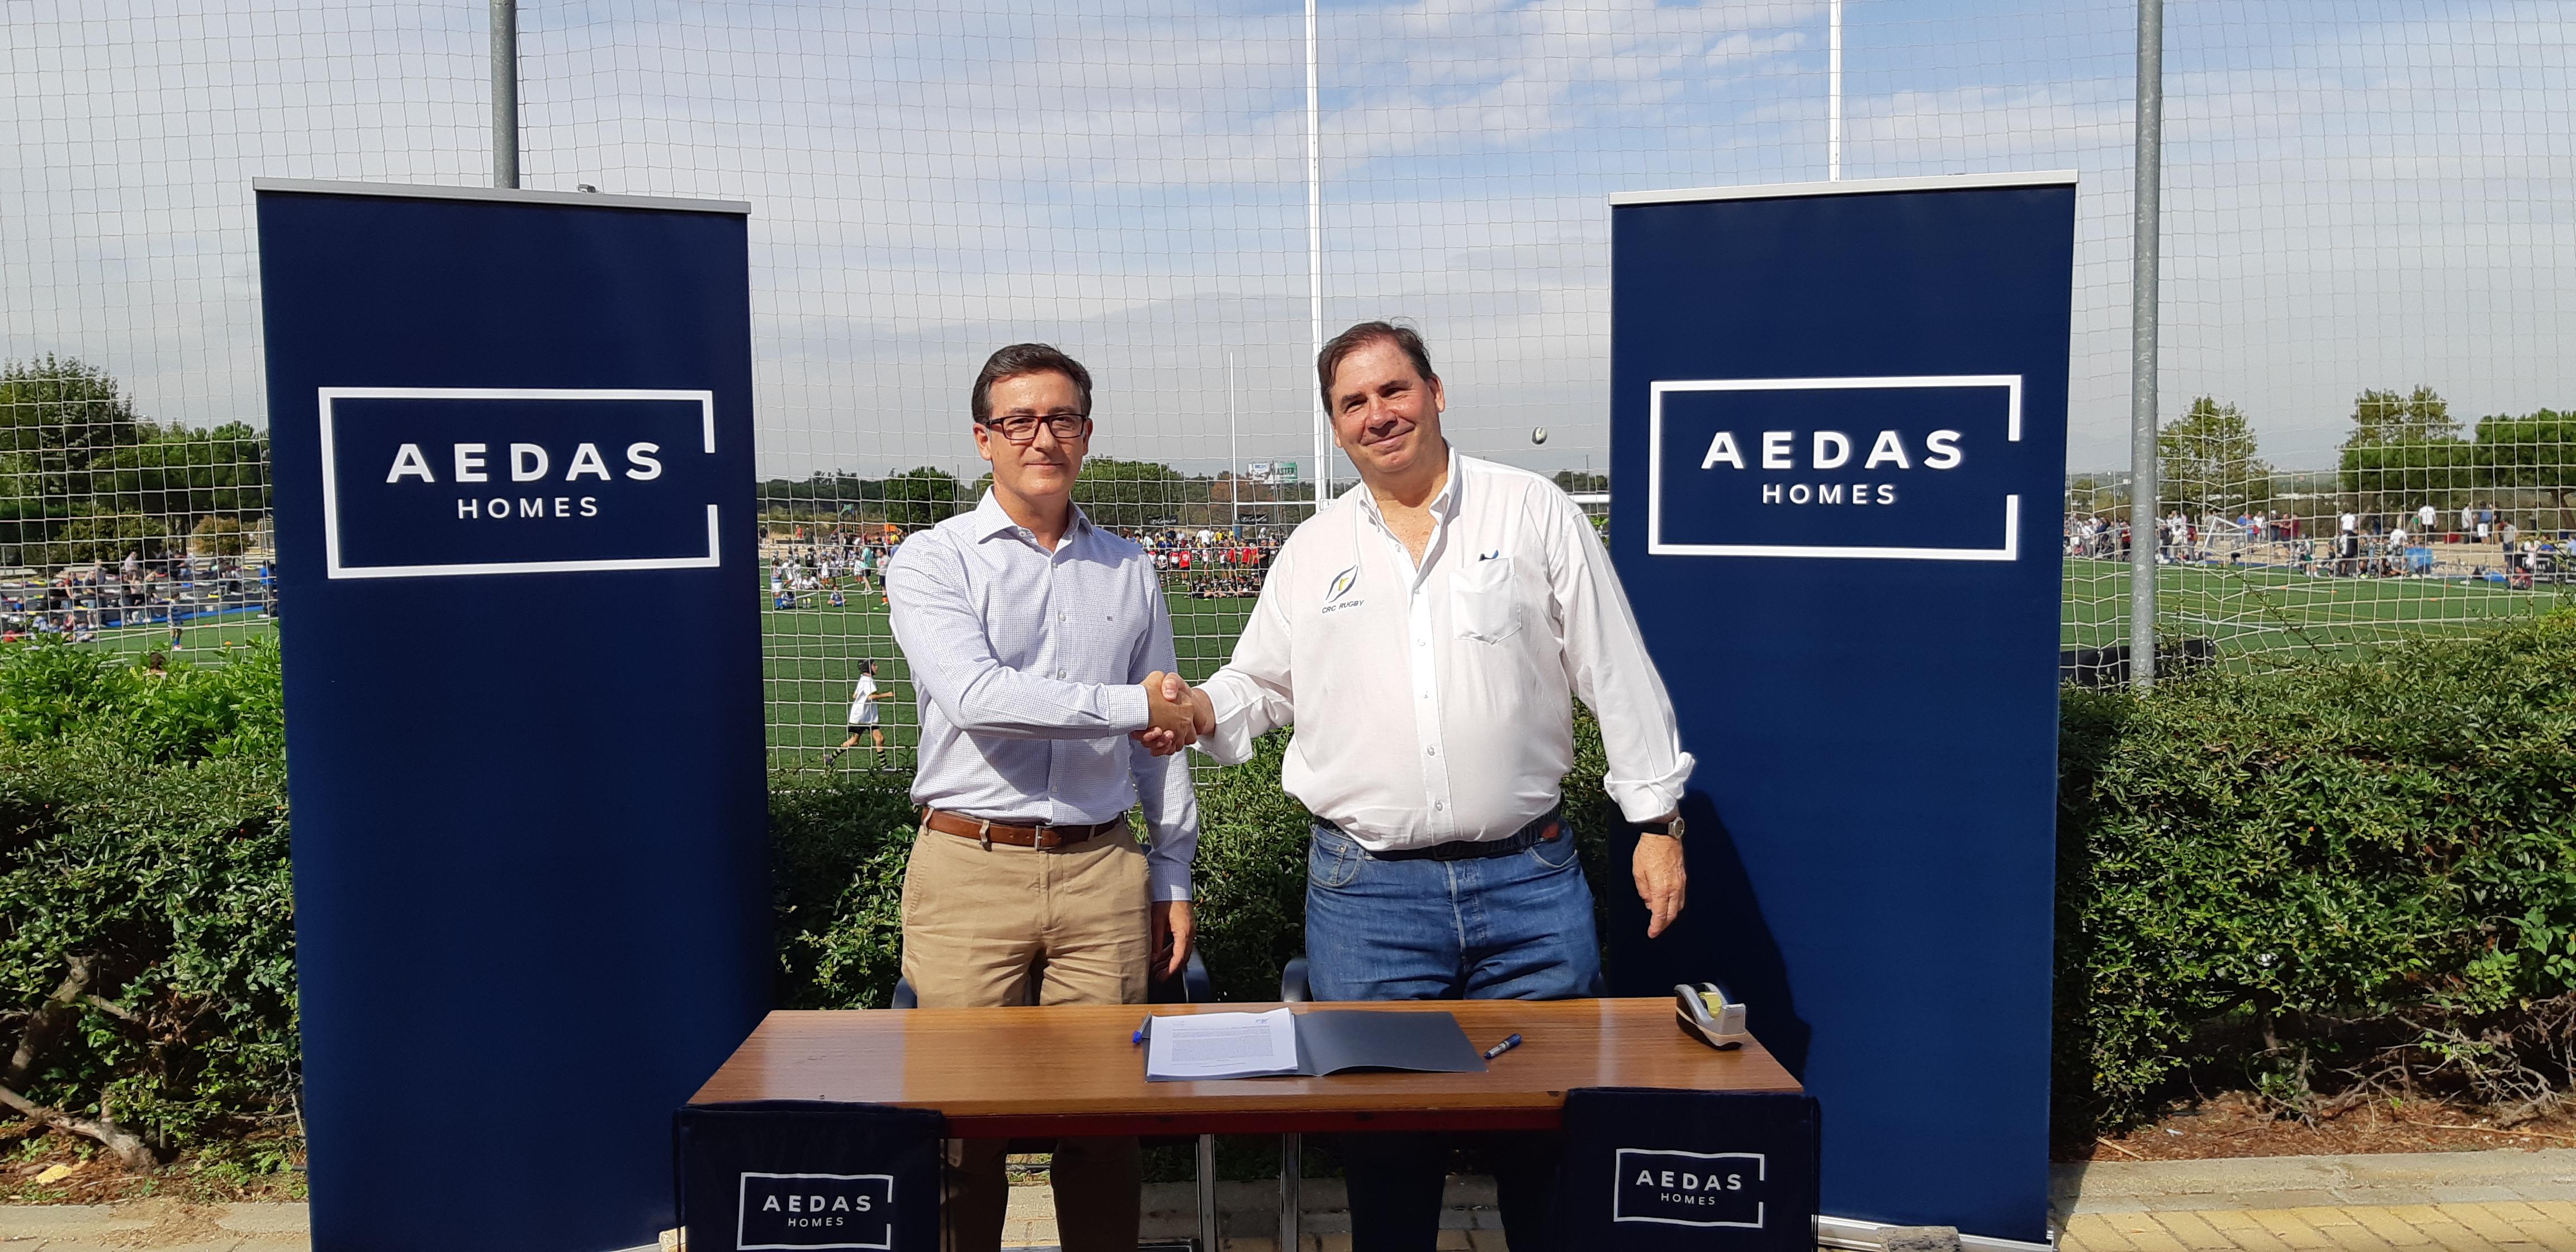 Aedas Homes, patrocinador principal del equipo de rugby CRC Pozuelo